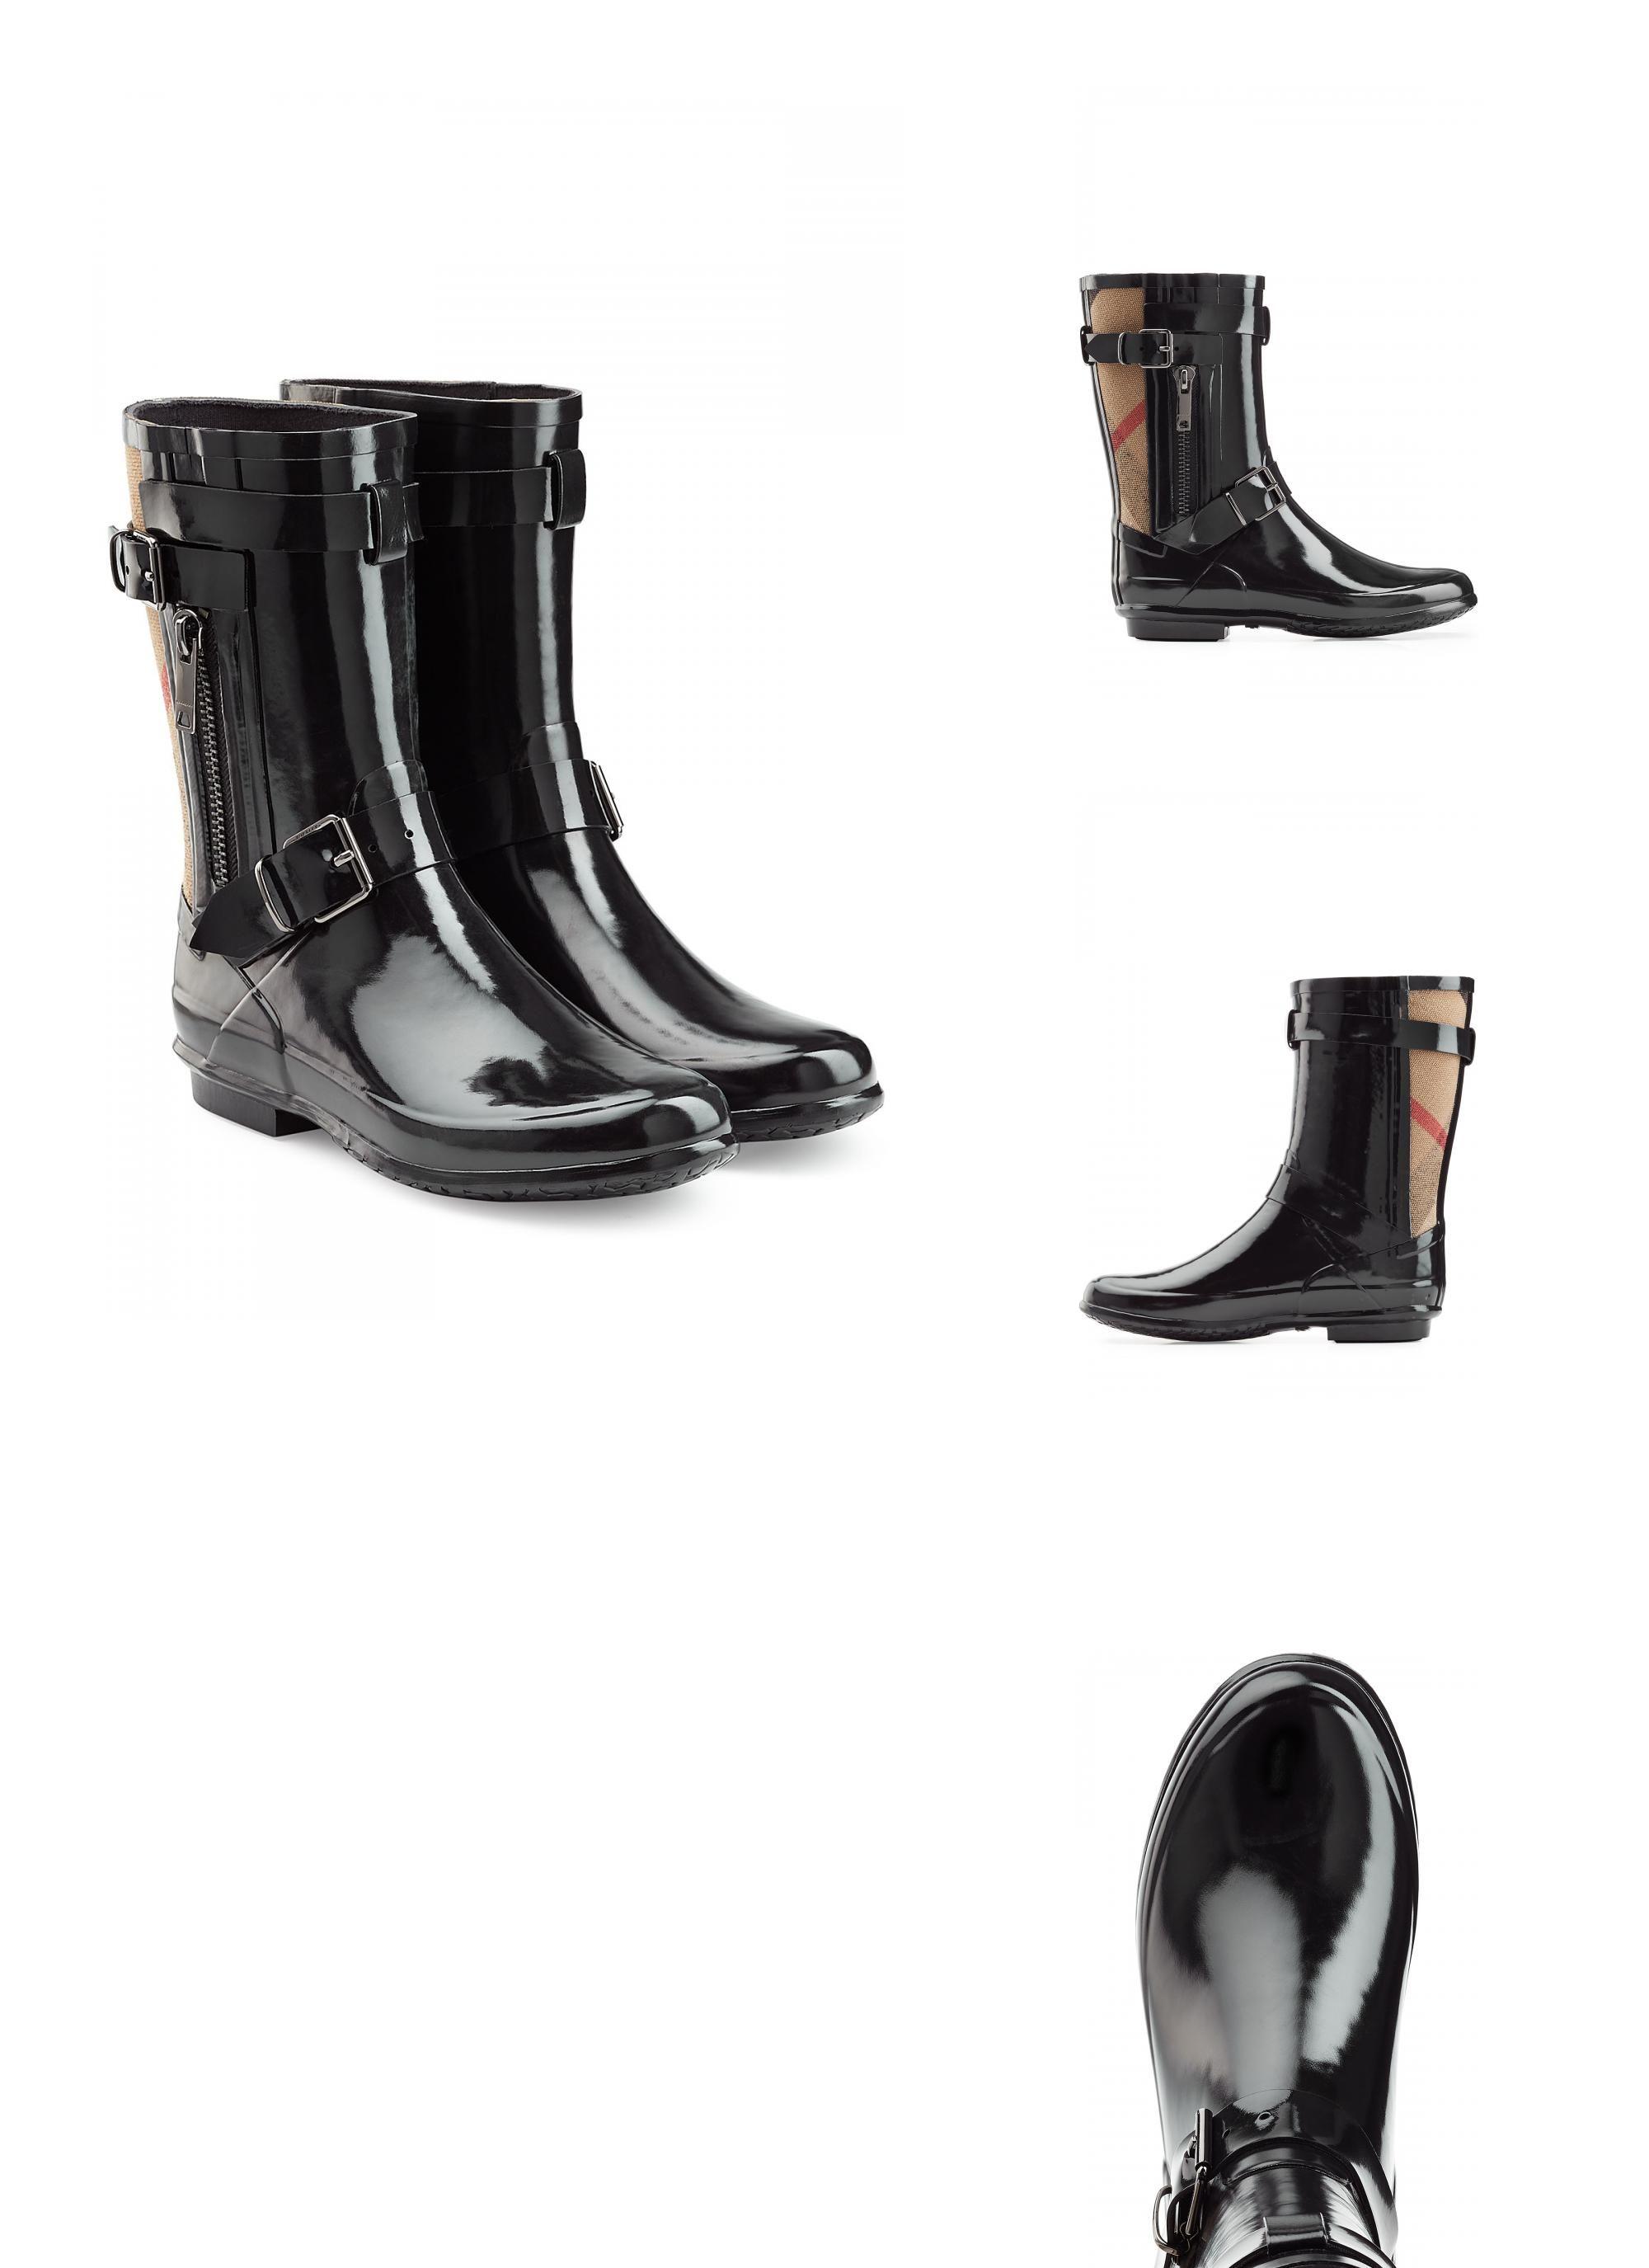 | #Burberry #Shoes  #038; #Accessories #Gummistiefel in #Lack #> #Optik mit #Check #> #Detail #> #Schwarz #für #Damen